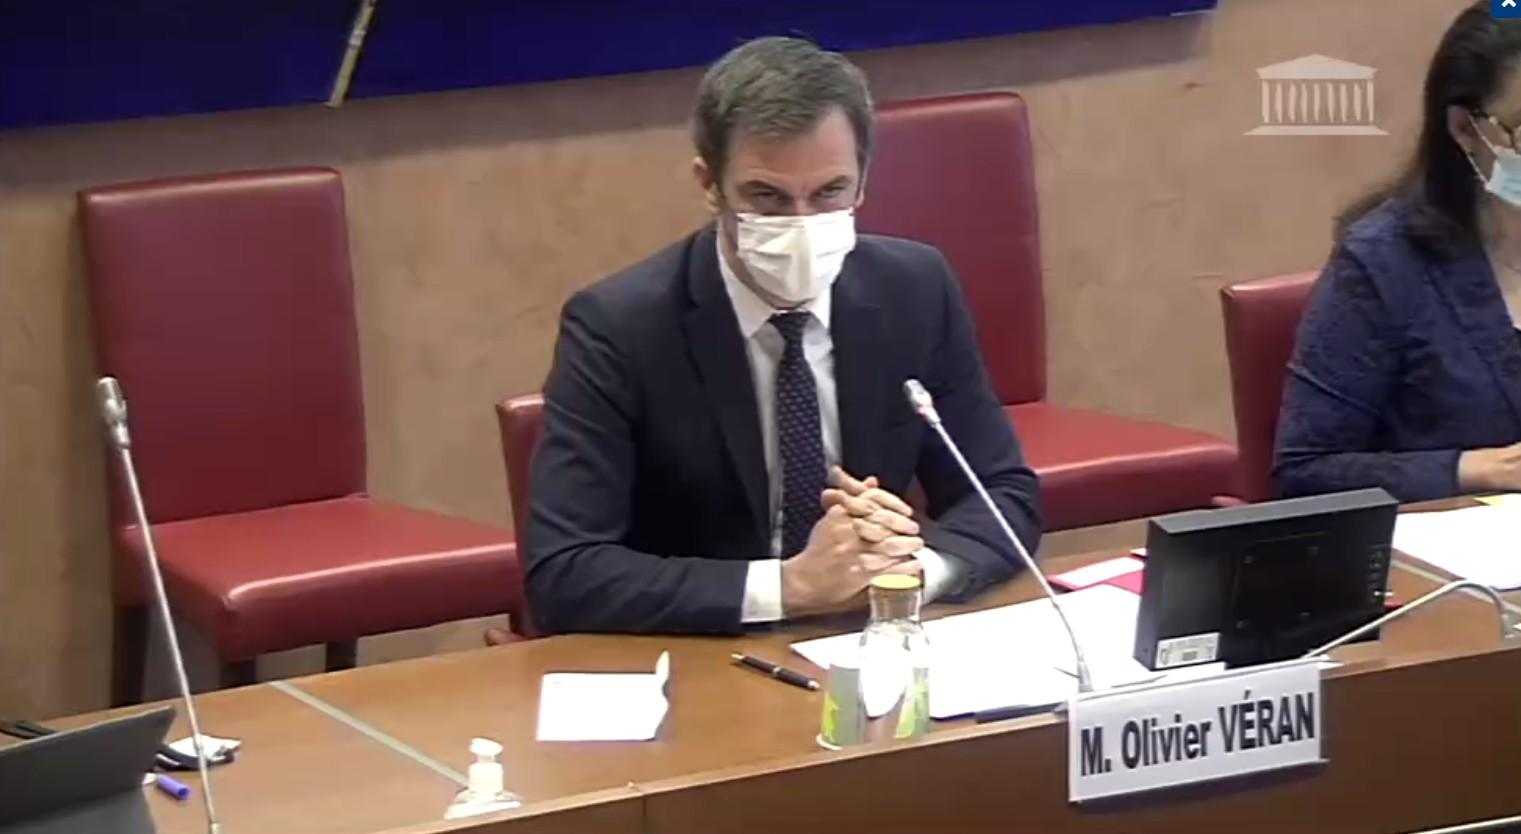 """Le 12 janvier 2021, la commission des affaires sociales de l'Assemblée nationale a auditionné Olivier Véran, ministre des Solidarités et de la Santé, sur la stratégie vaccinale contre la Covid-19. Face à l'opposition qui l'interrogeait sur McKinsey, le ministre a affirmé qu'il est """"tout à fait classique et cohérent de s'appuyer sur l'expertise du secteur privé."""" Image: D.R."""